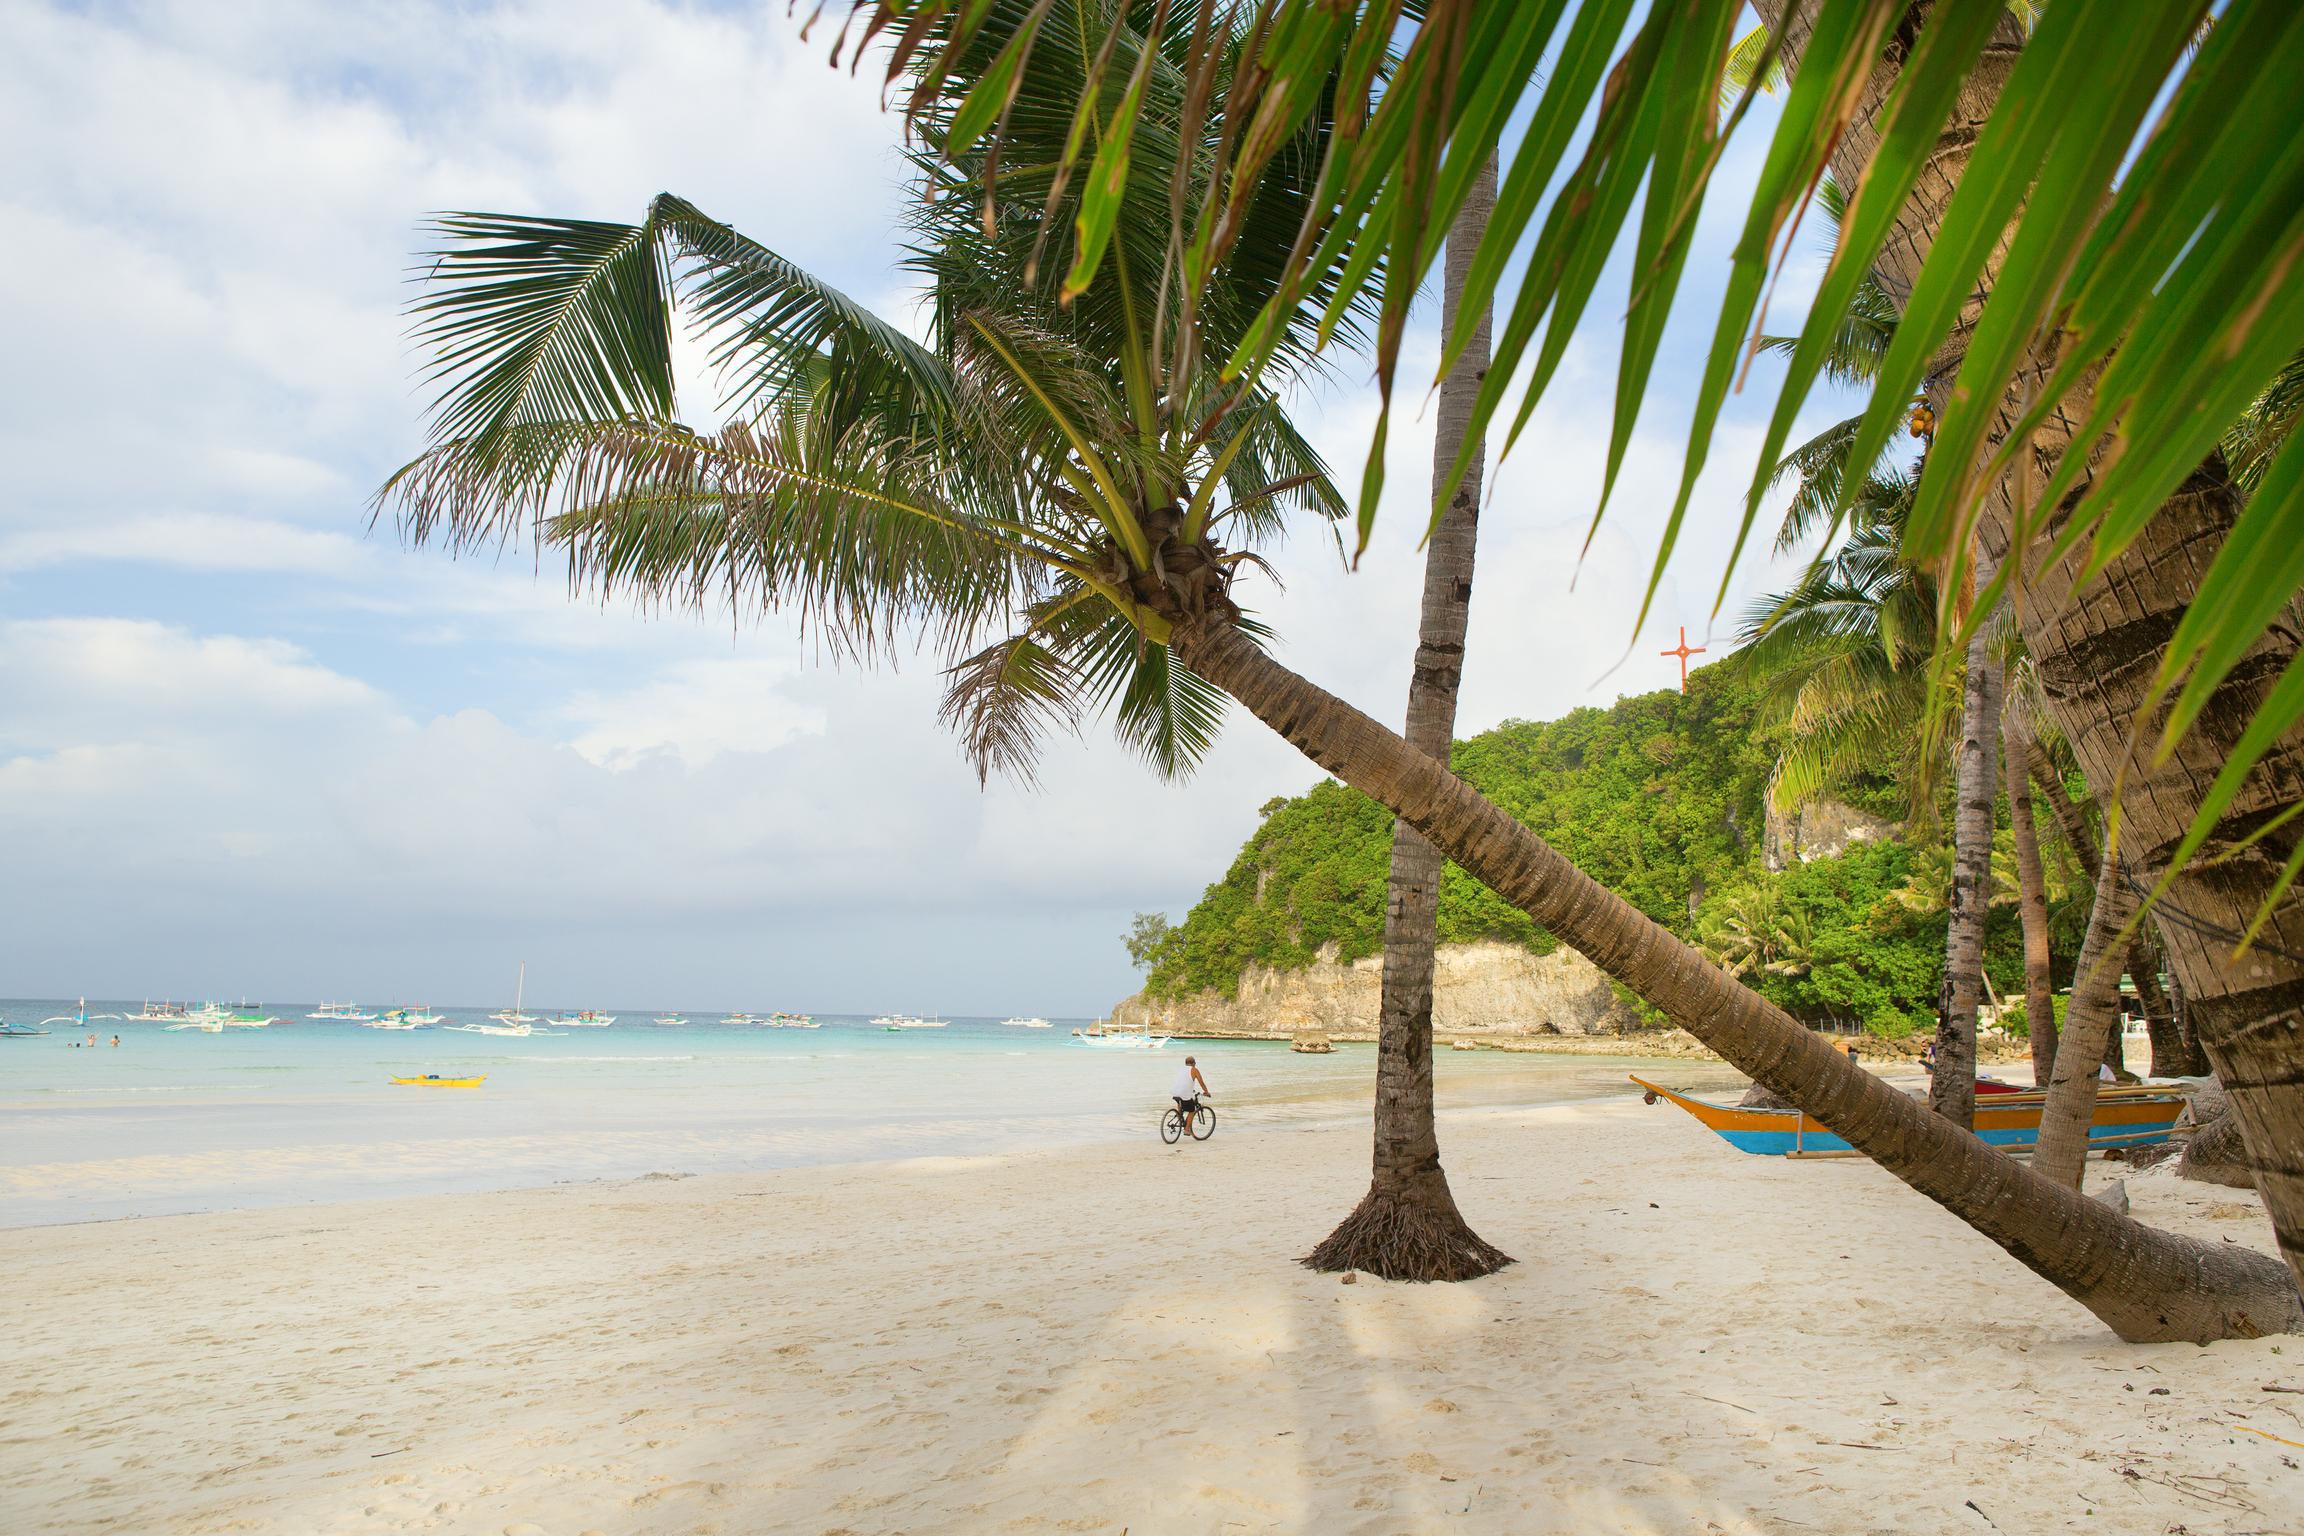 Famous white sand beach of Boracay Island